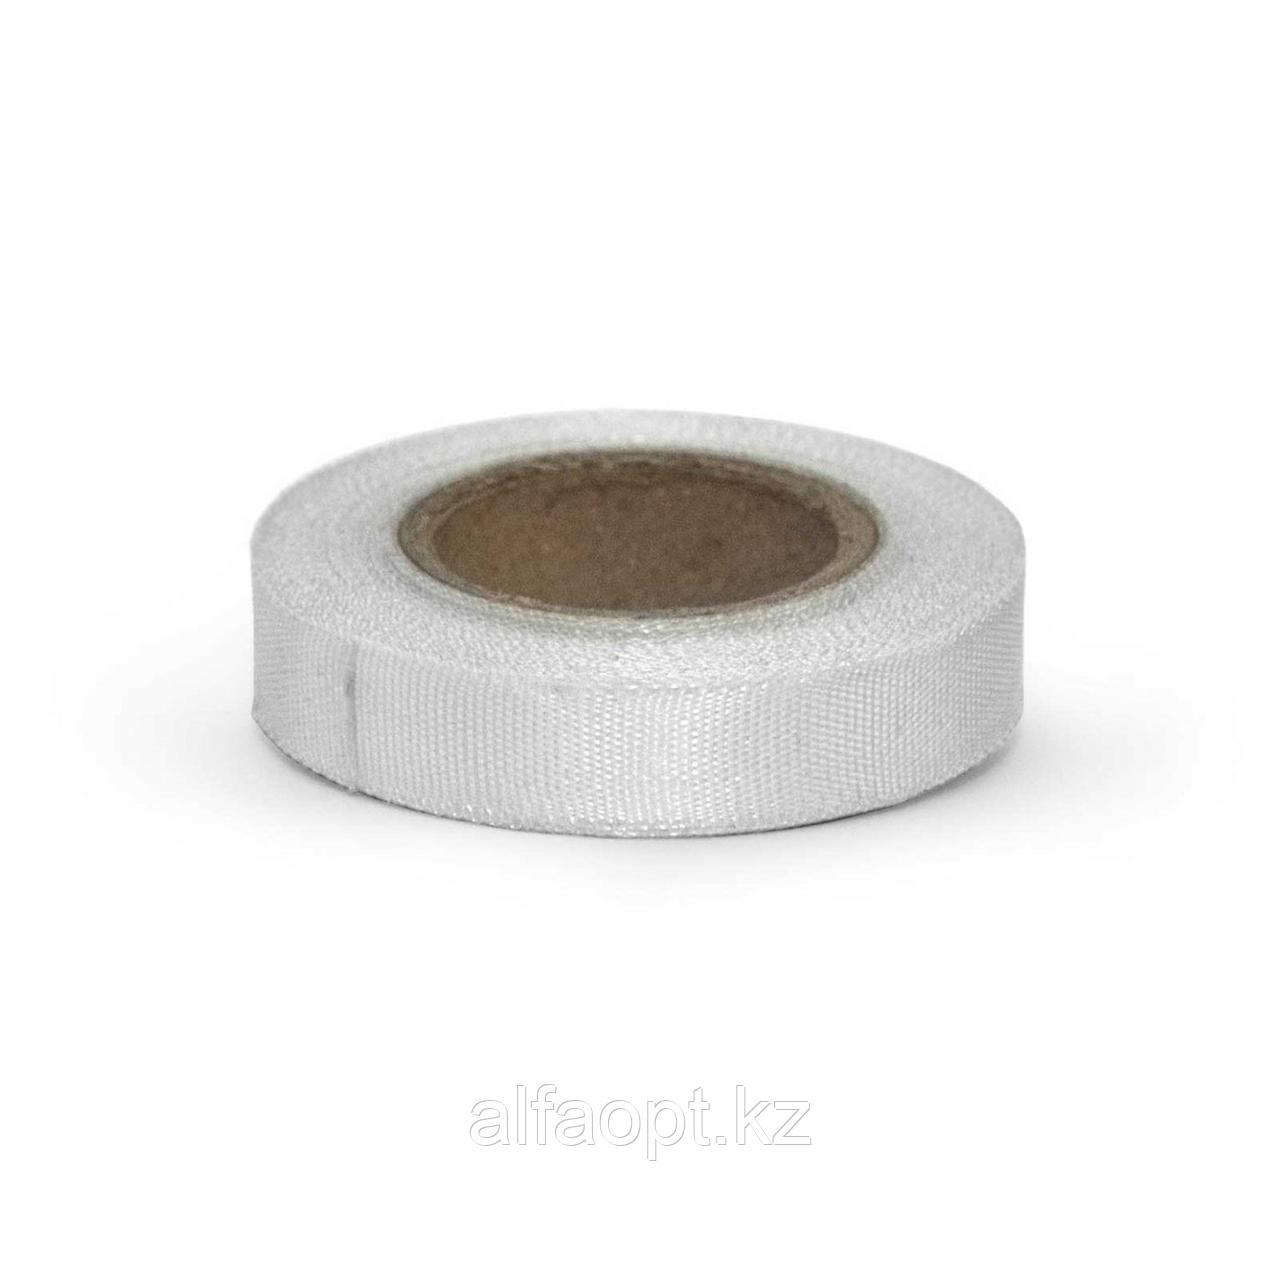 Стеклоизолента термостойкая, 10м